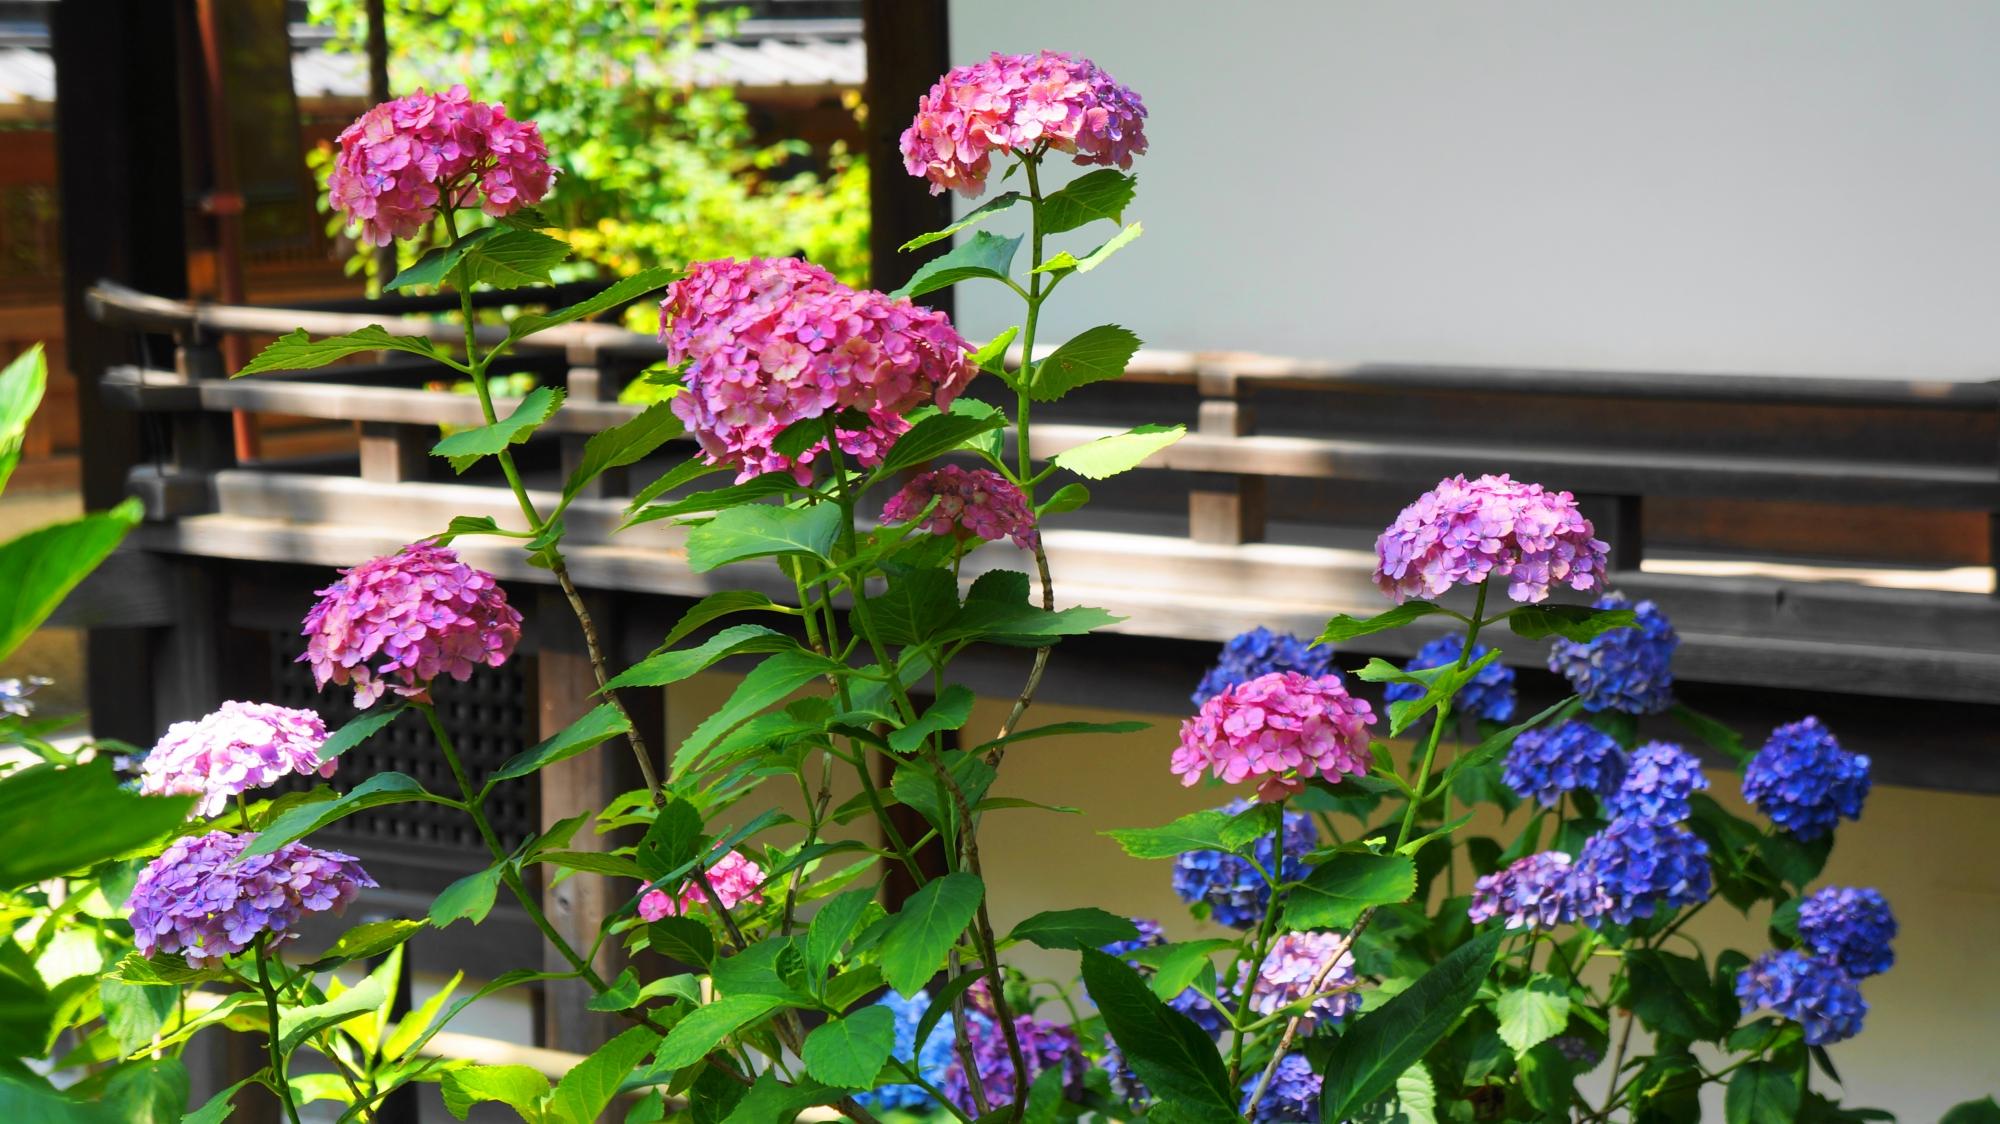 やや小ぶりながらも元気に咲き誇る紫陽花